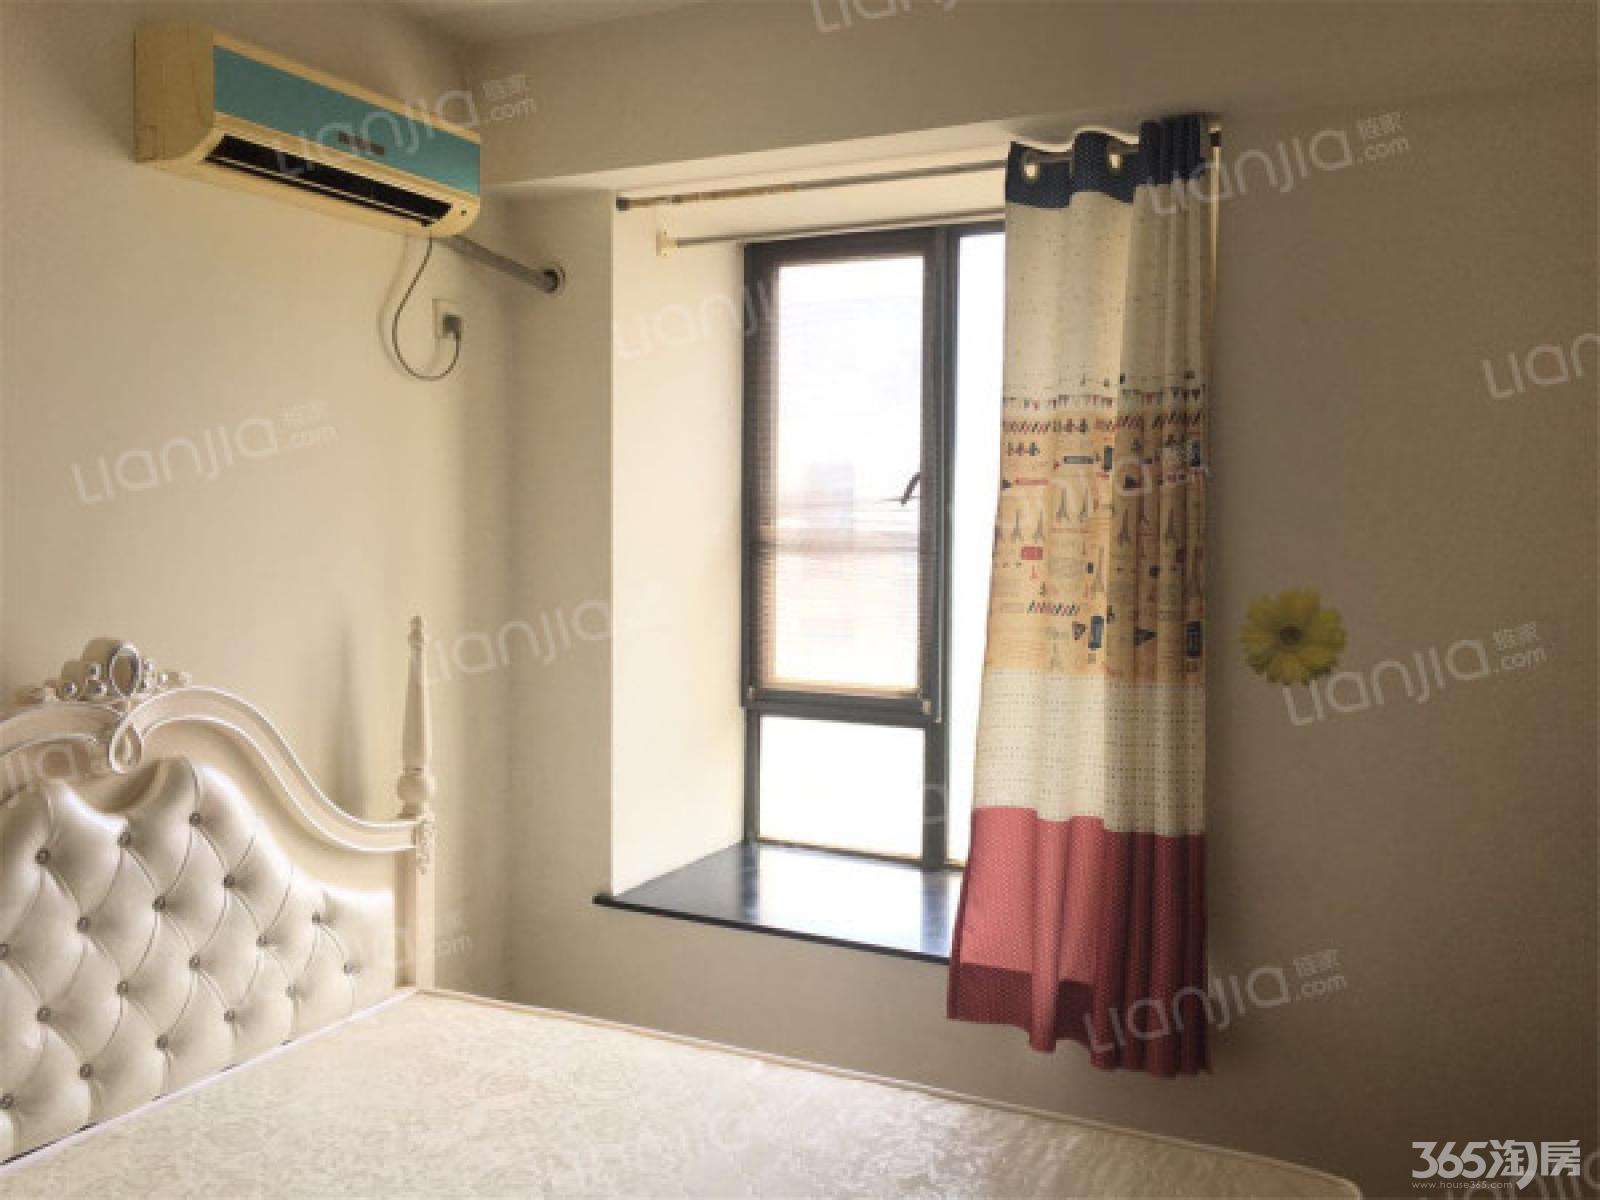 30平单室套装修效果图